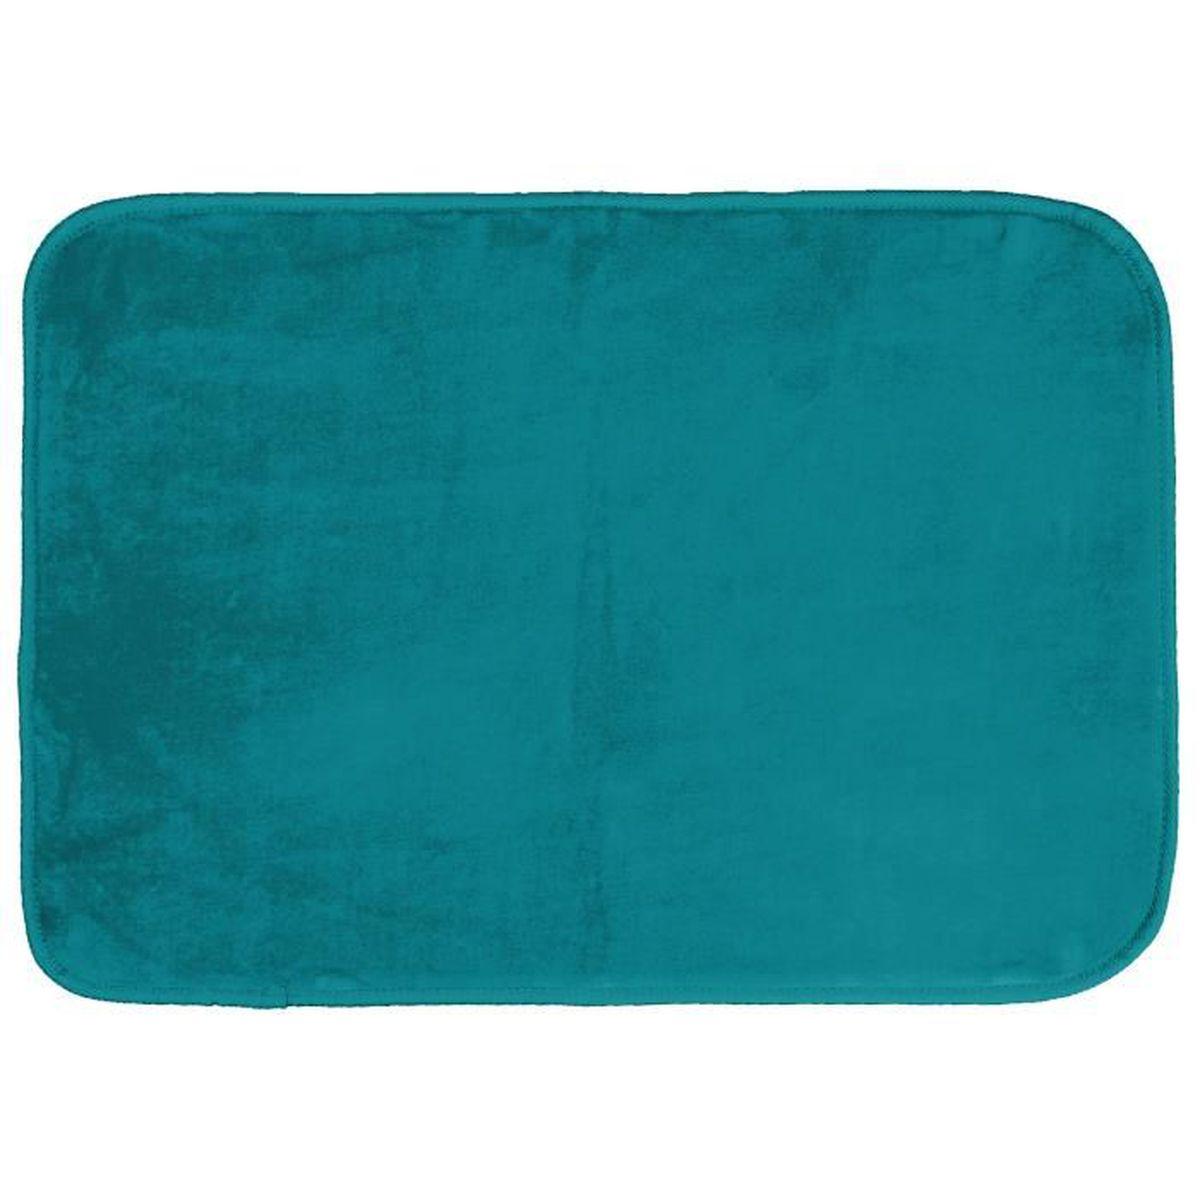 tapis rectangle 120 x 170 cm velours uni louna bleu lagon achat vente tapis de couloir. Black Bedroom Furniture Sets. Home Design Ideas